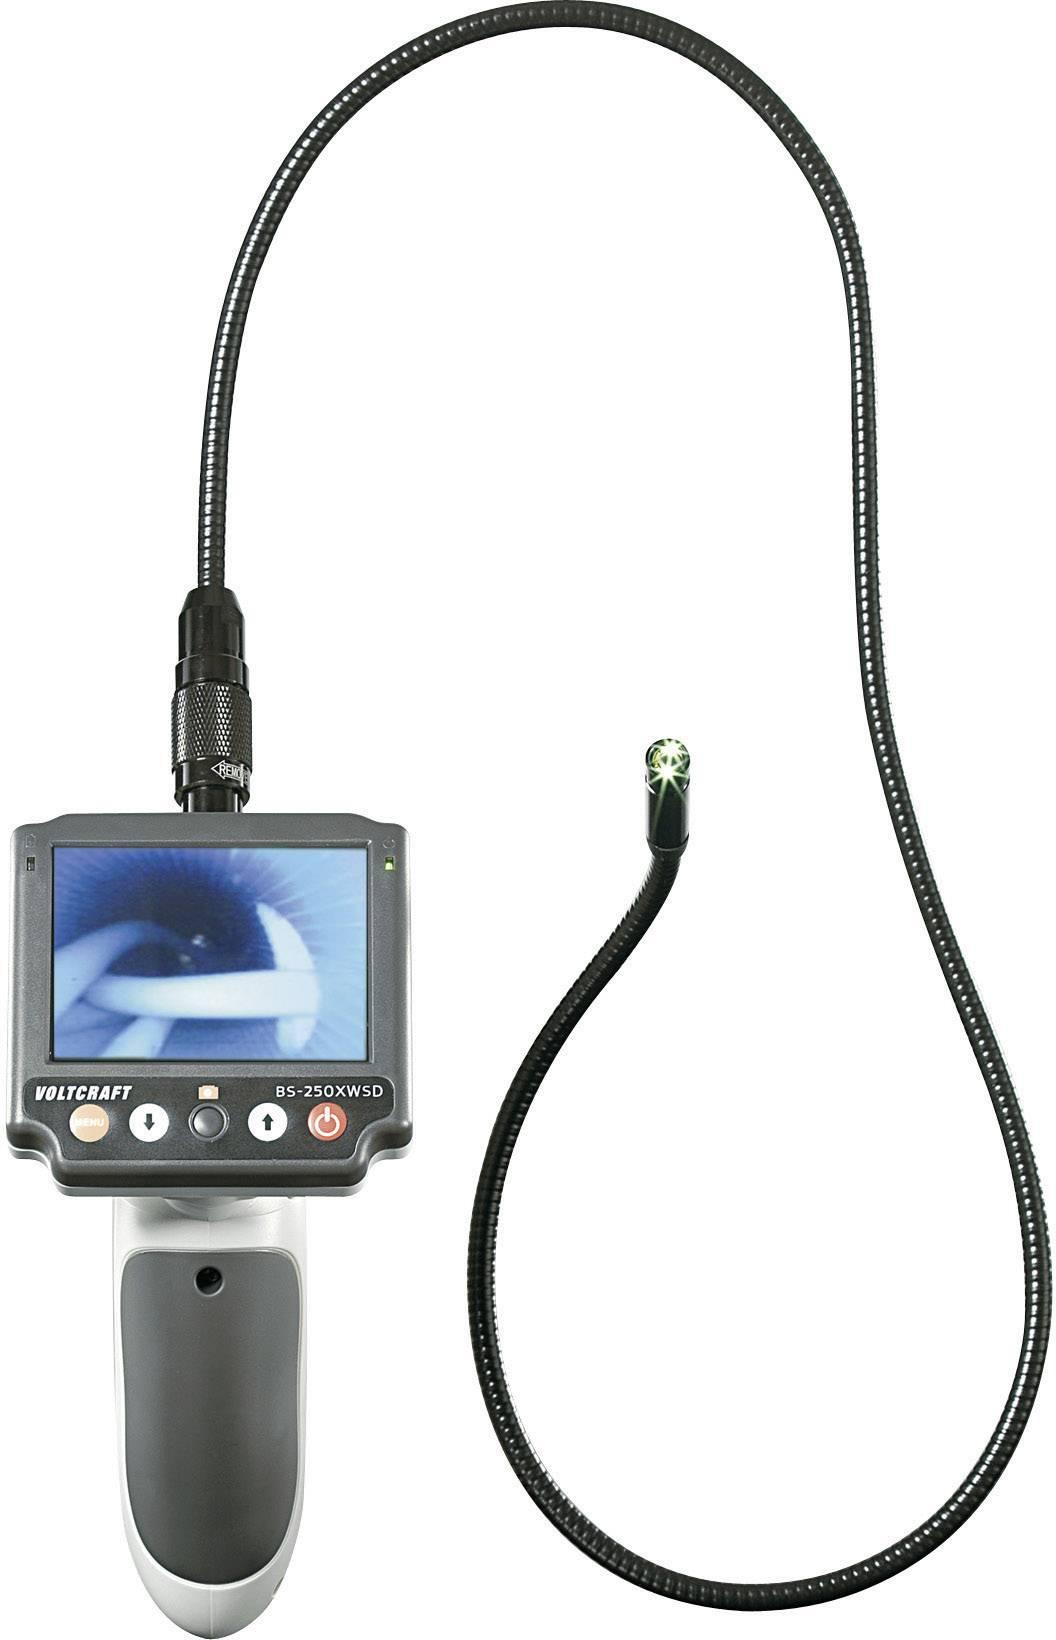 Endoskop VOLTCRAFT BS-250XWSD s odnímateľným displejom a slotom pre microSD kartu